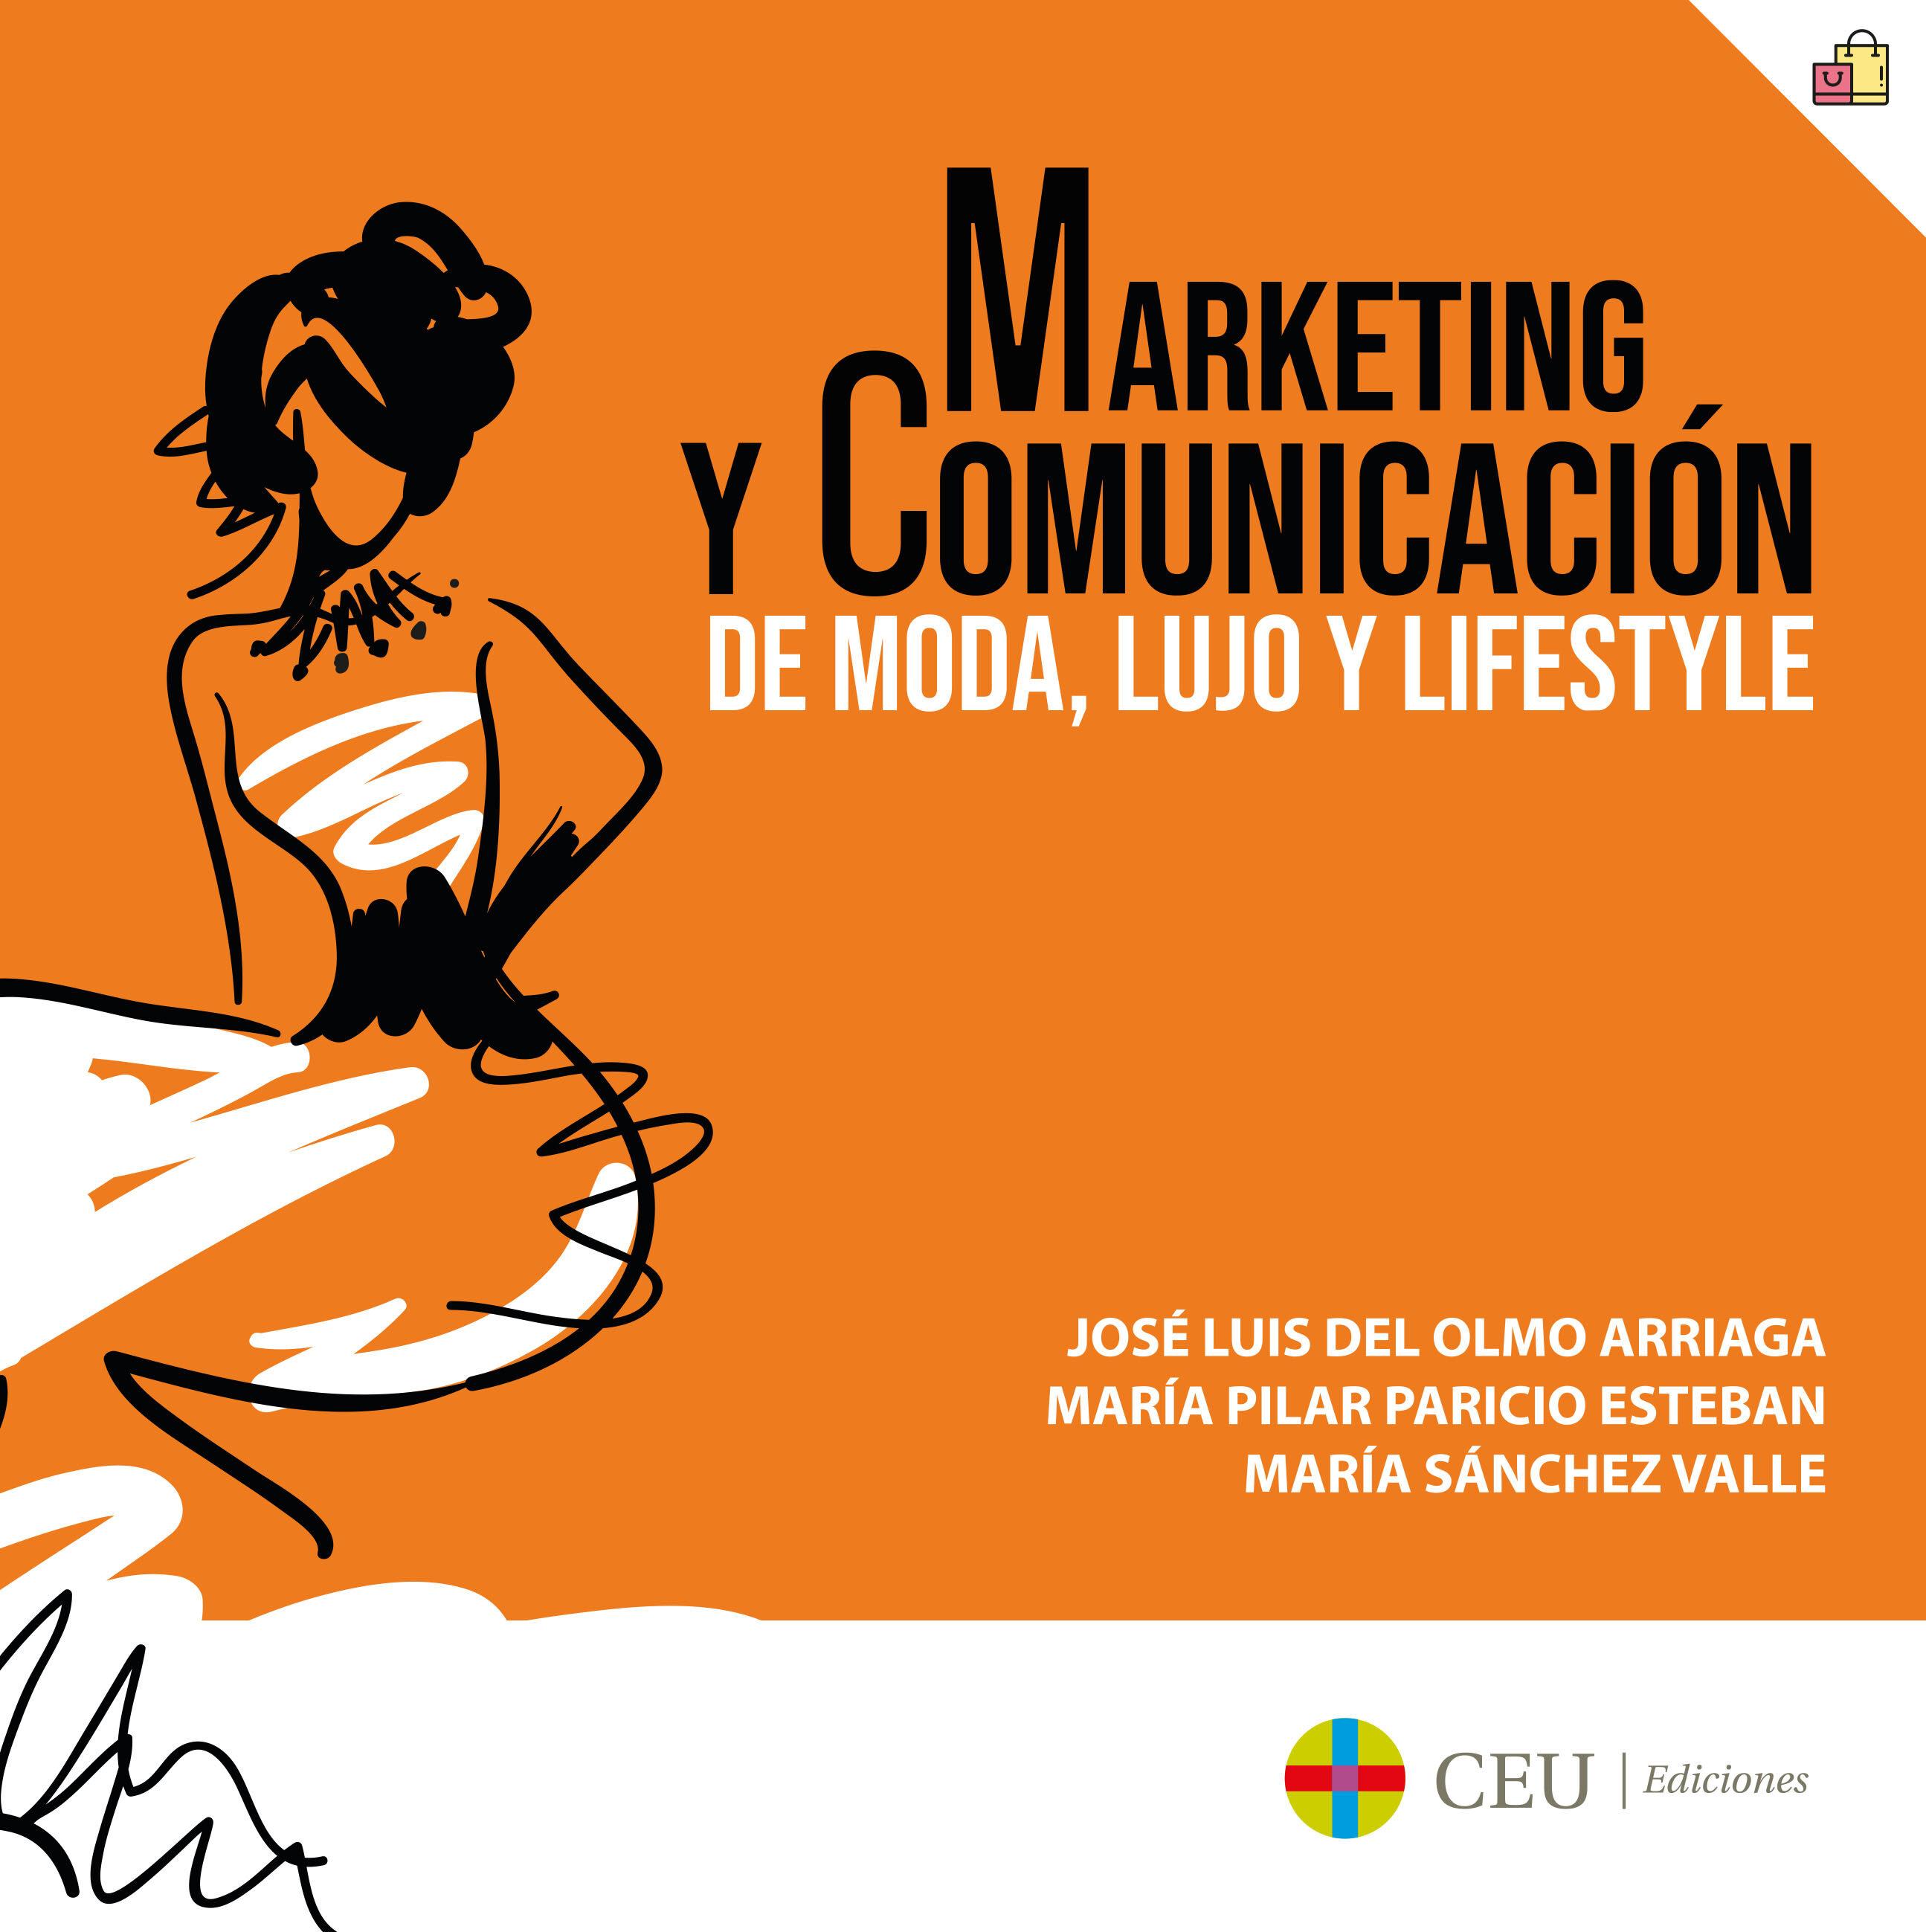 Marketing Y Comunicación De Moda, Lujo Y Lifestyle por Jose Luis Del Olmo Arriaga